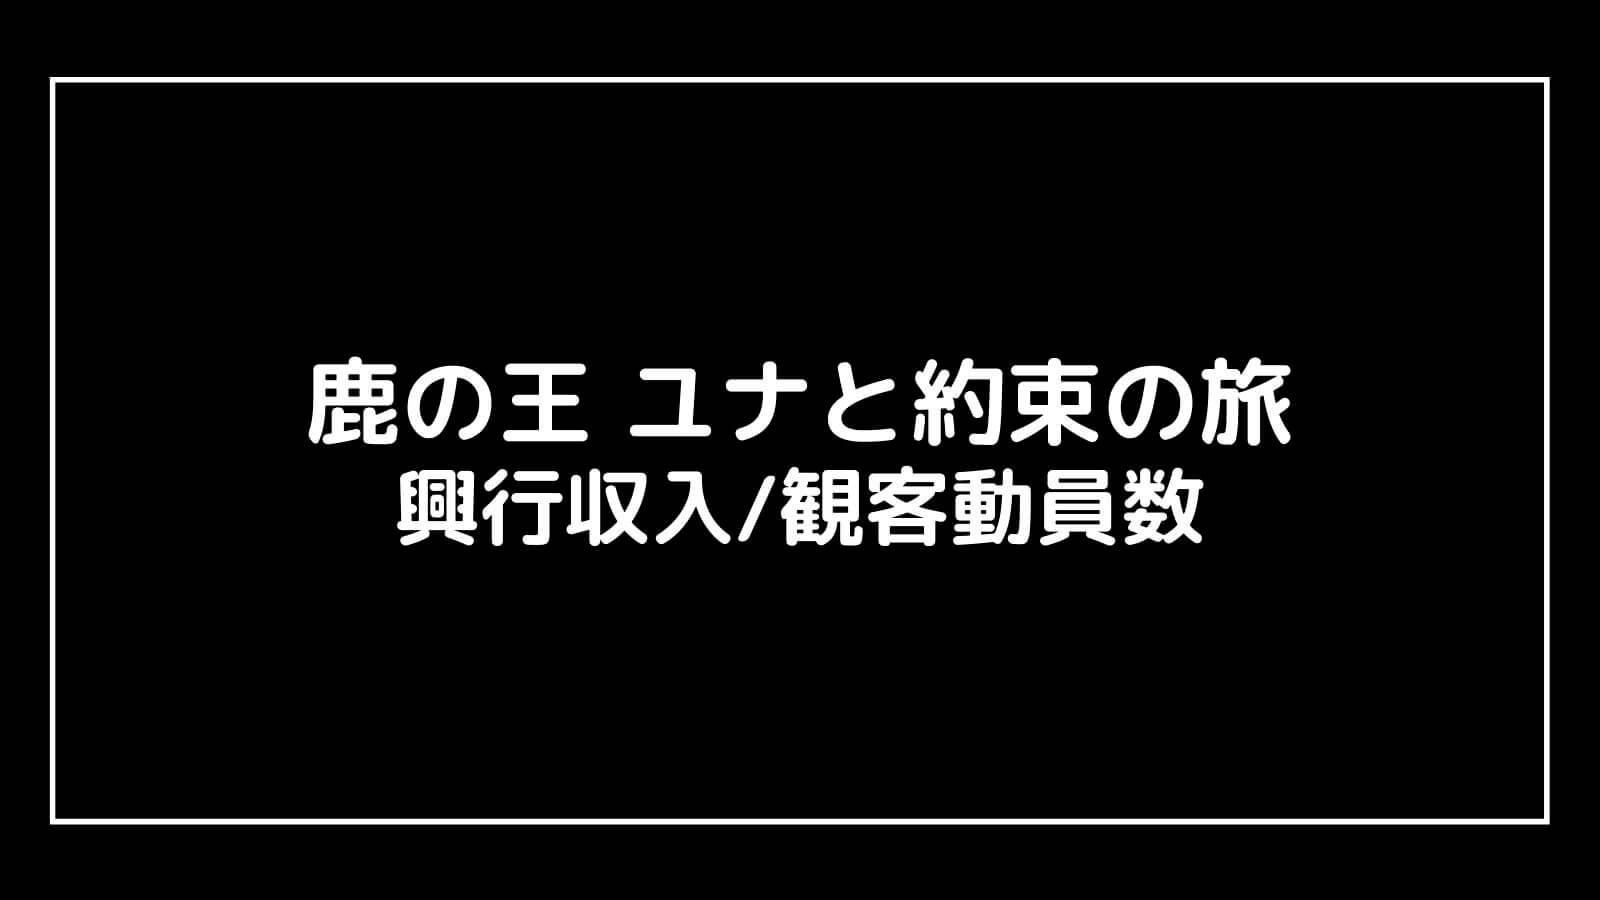 映画『鹿の王 ユナと約束の旅』興行収入推移と最終興収を元映画館社員が予想